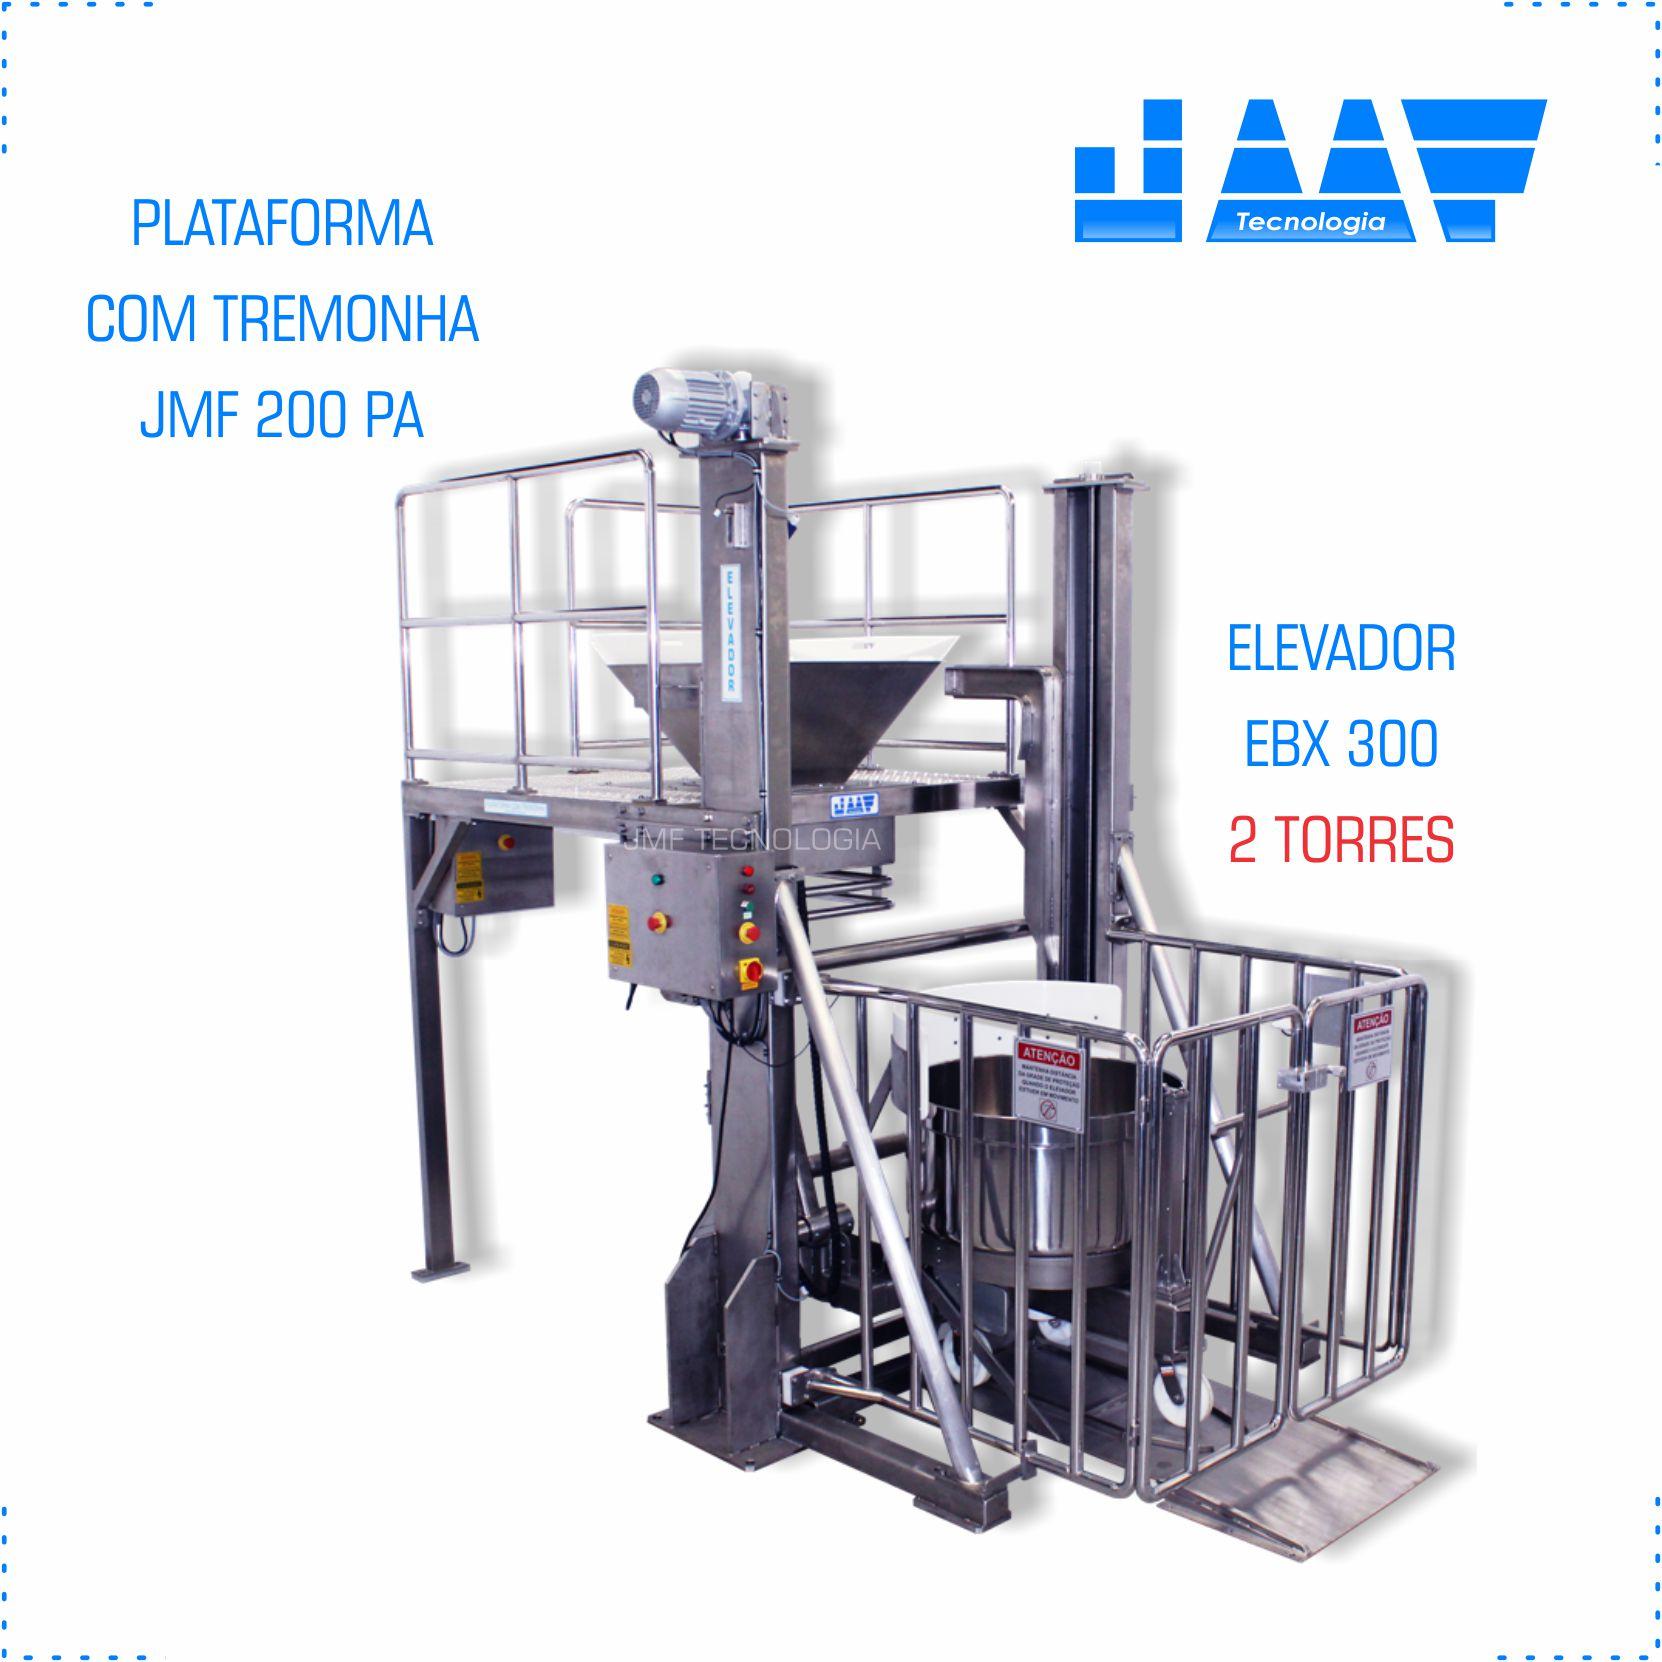 Elevador de Cuba e Plataforma com Tremonha (conjunto)